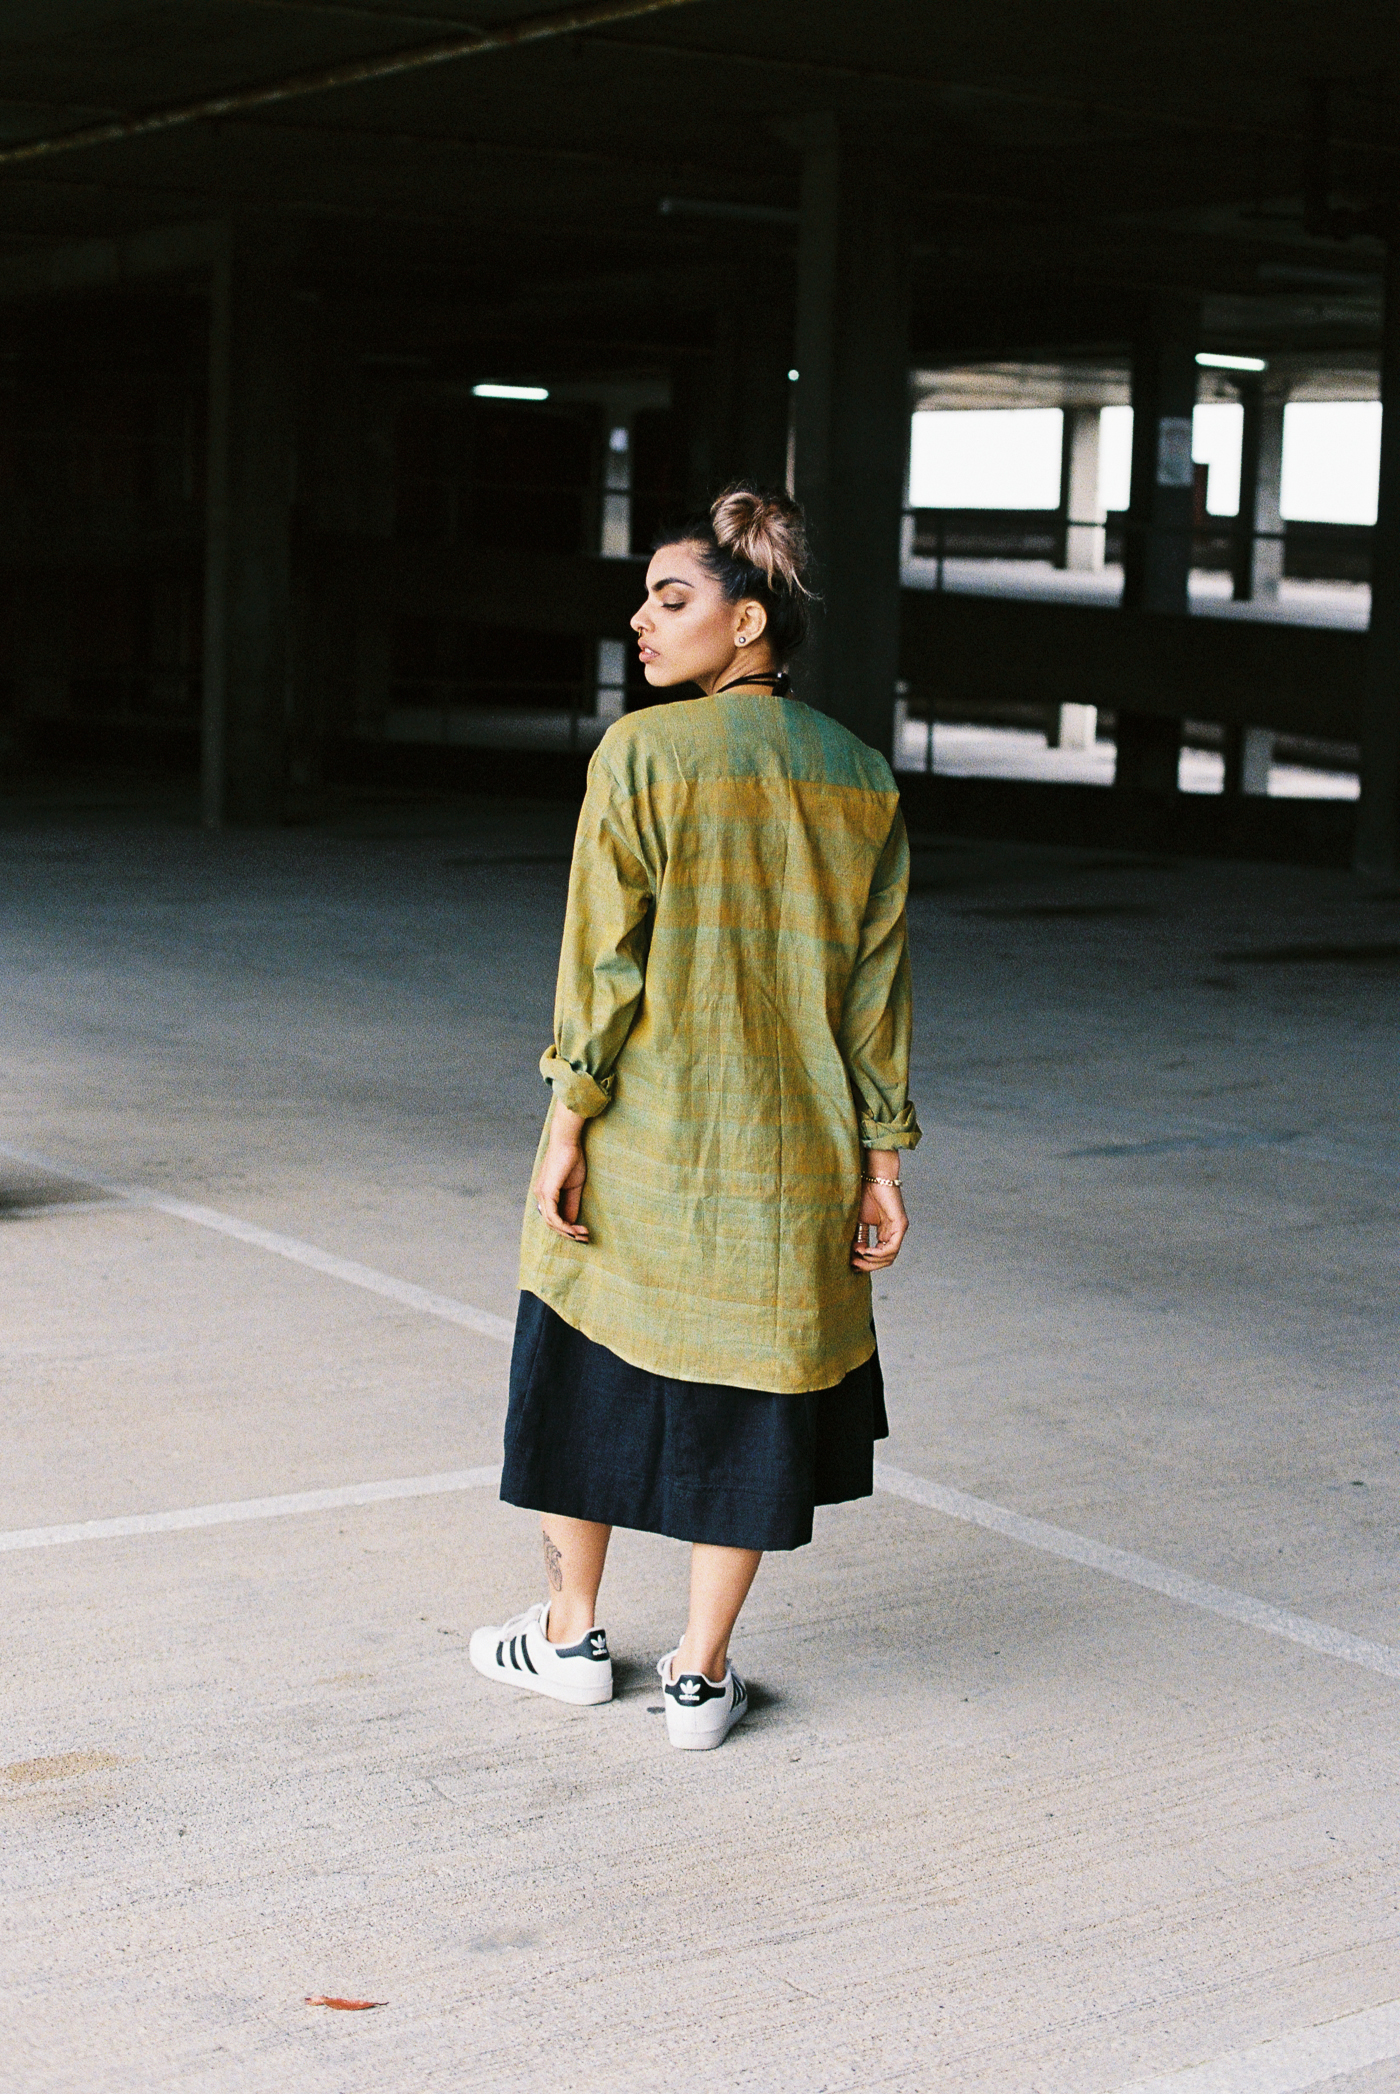 greenshirtdress-2.jpg